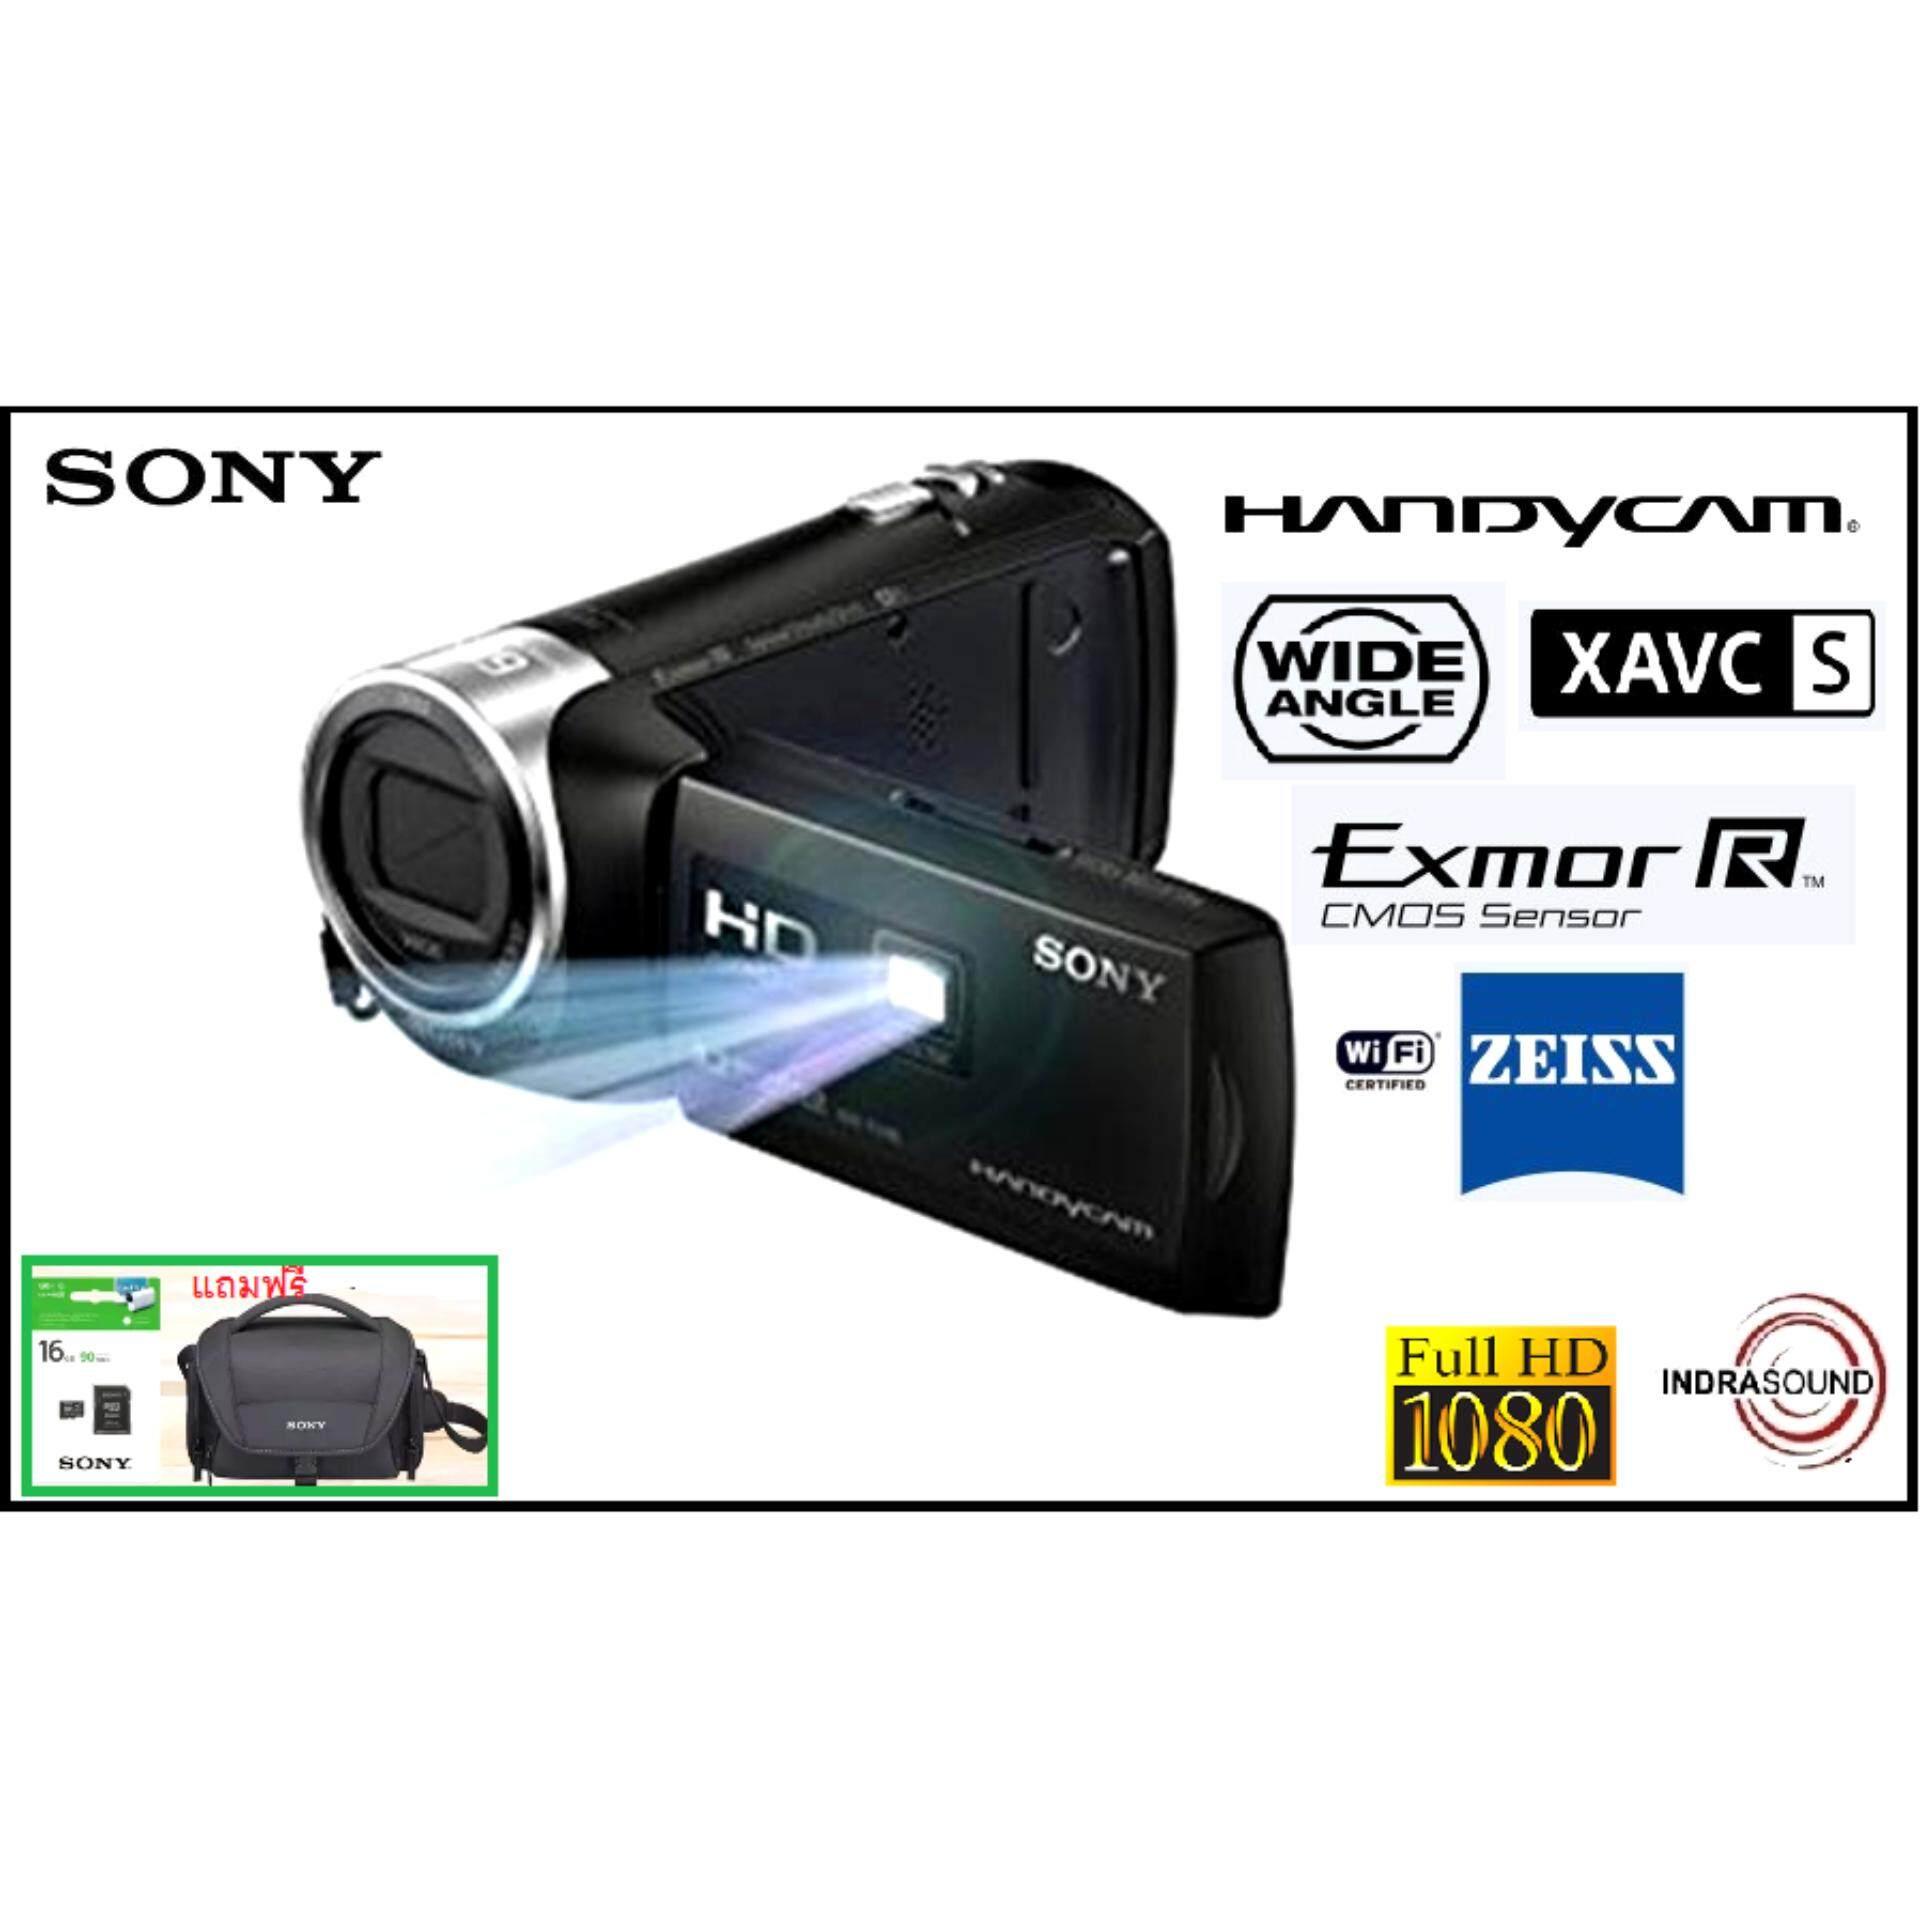 กล้องวีดีโอ Sony Handycam รุ่น Hdr-Pj440 มี Projector  13 Lumens ฉายดูได้ทุกที่ ความละเอียด Hd Video Recording  Full Hd 1080.